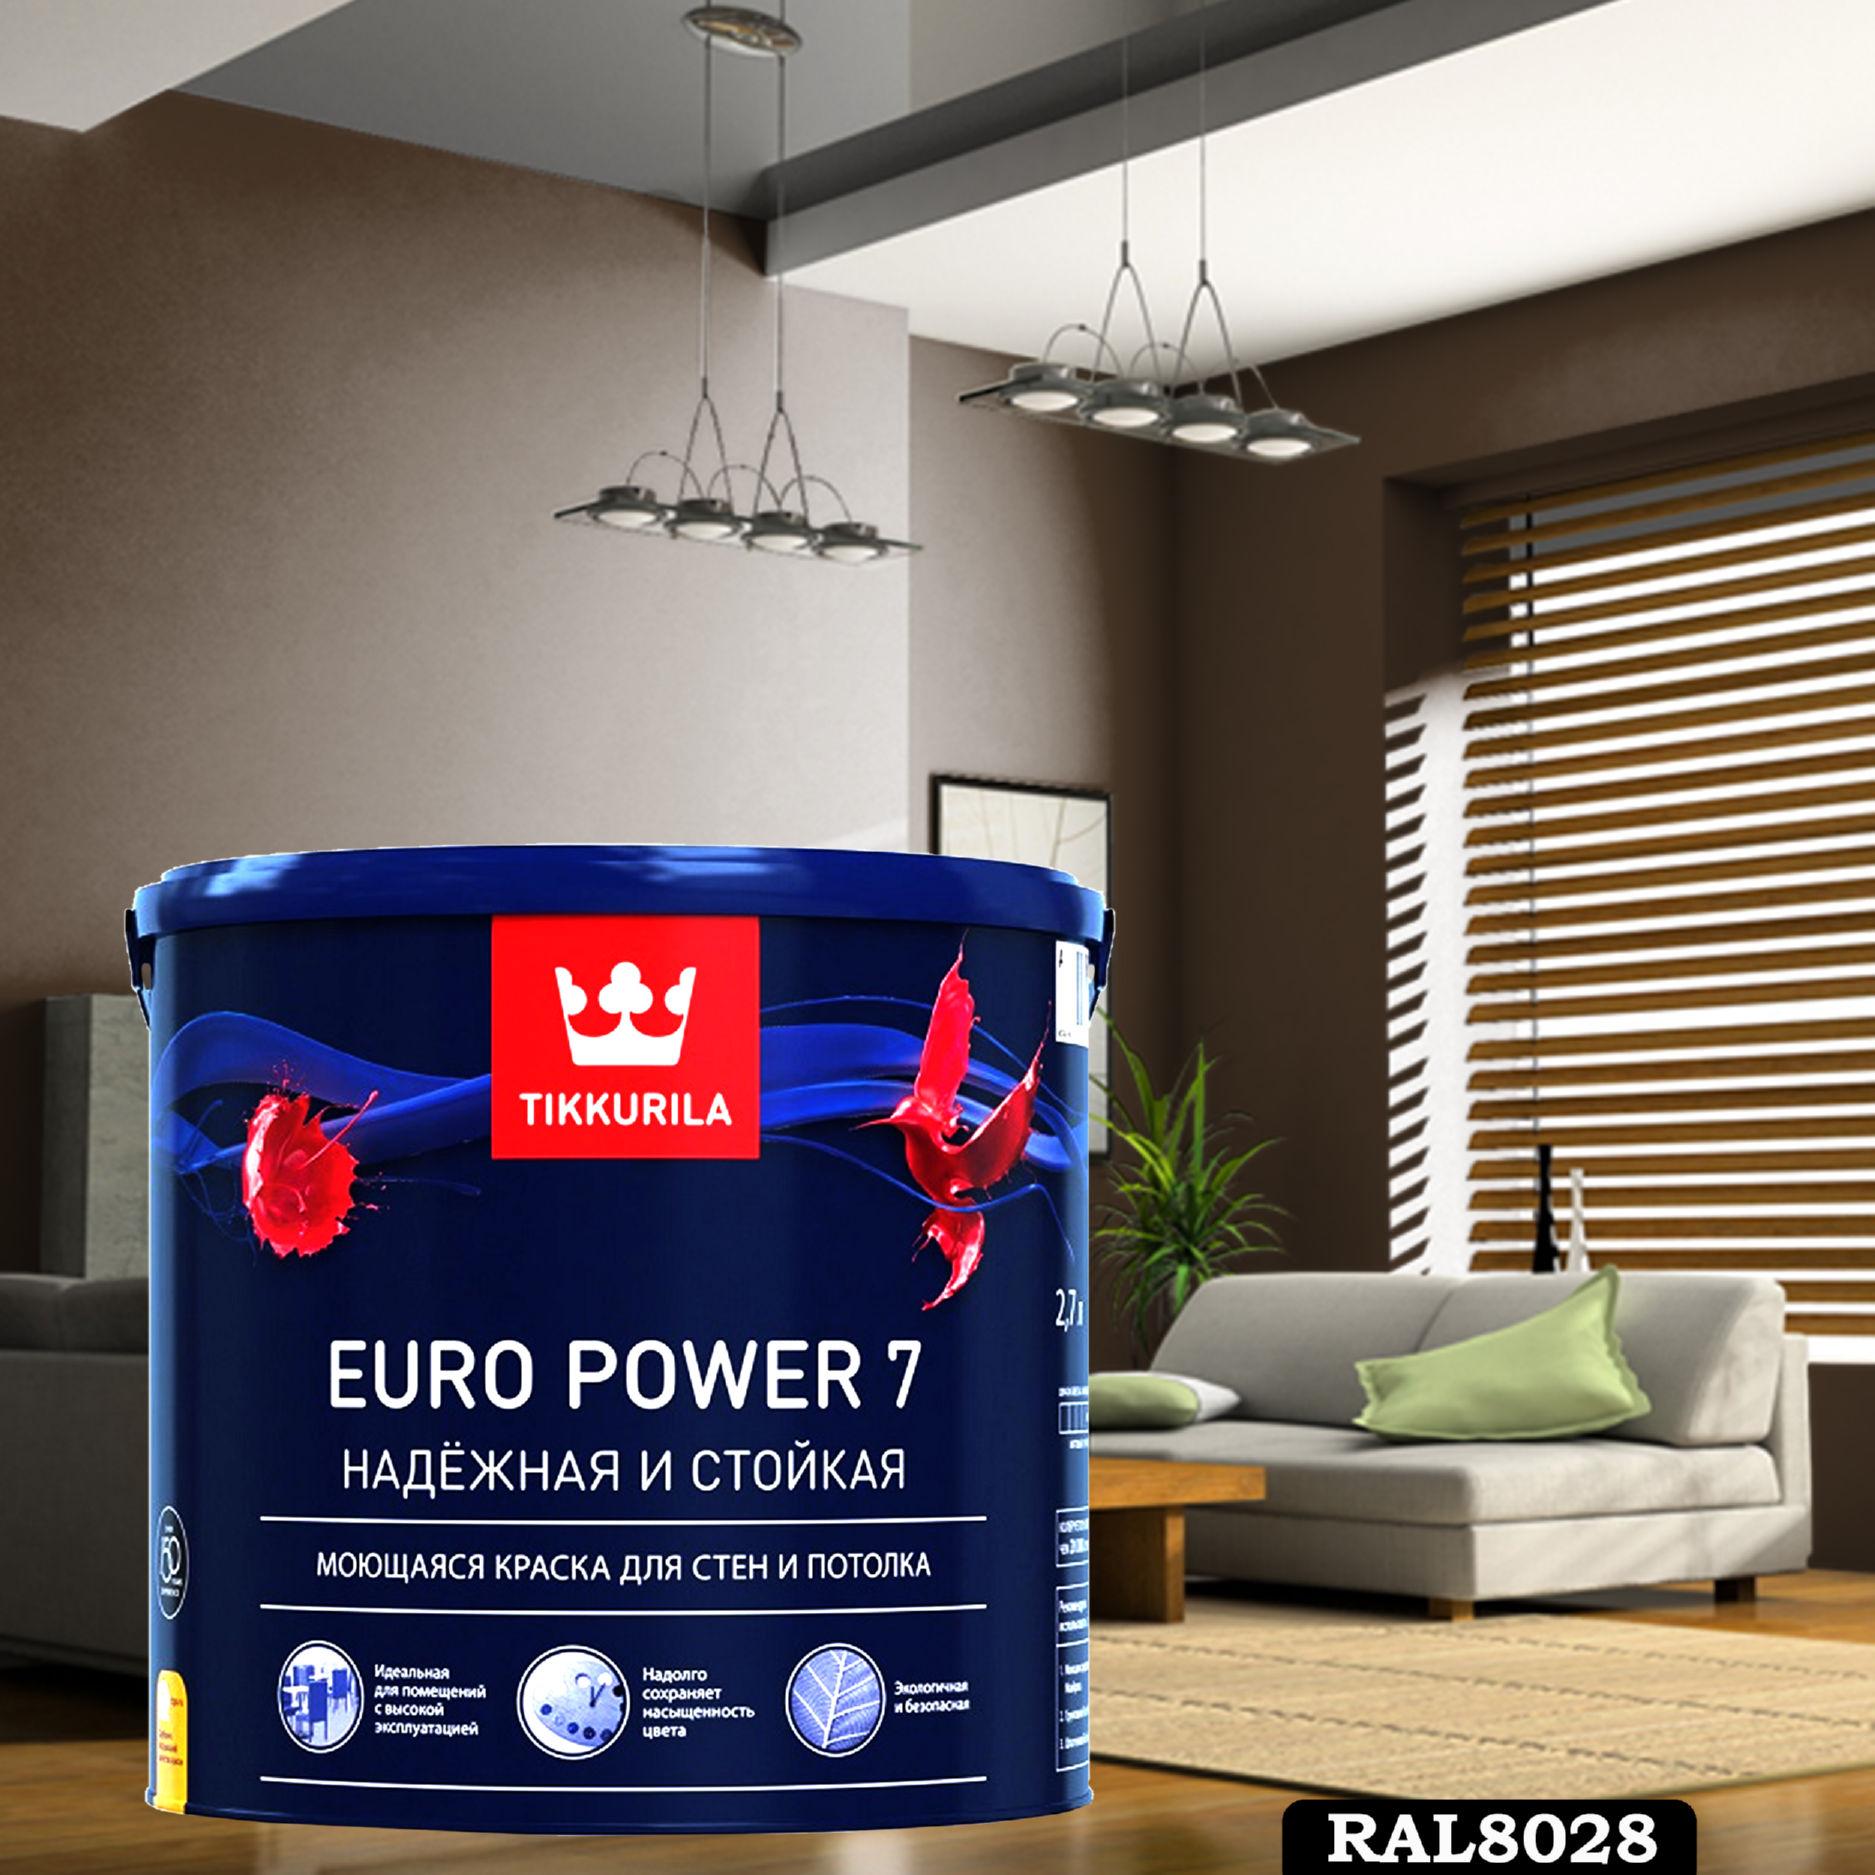 Фото 19 - Краска TIKKURILA Euro Power 7,  RAL 8028 Терракотовый, латексная моющаяся матовая интерьерная, 9 л.